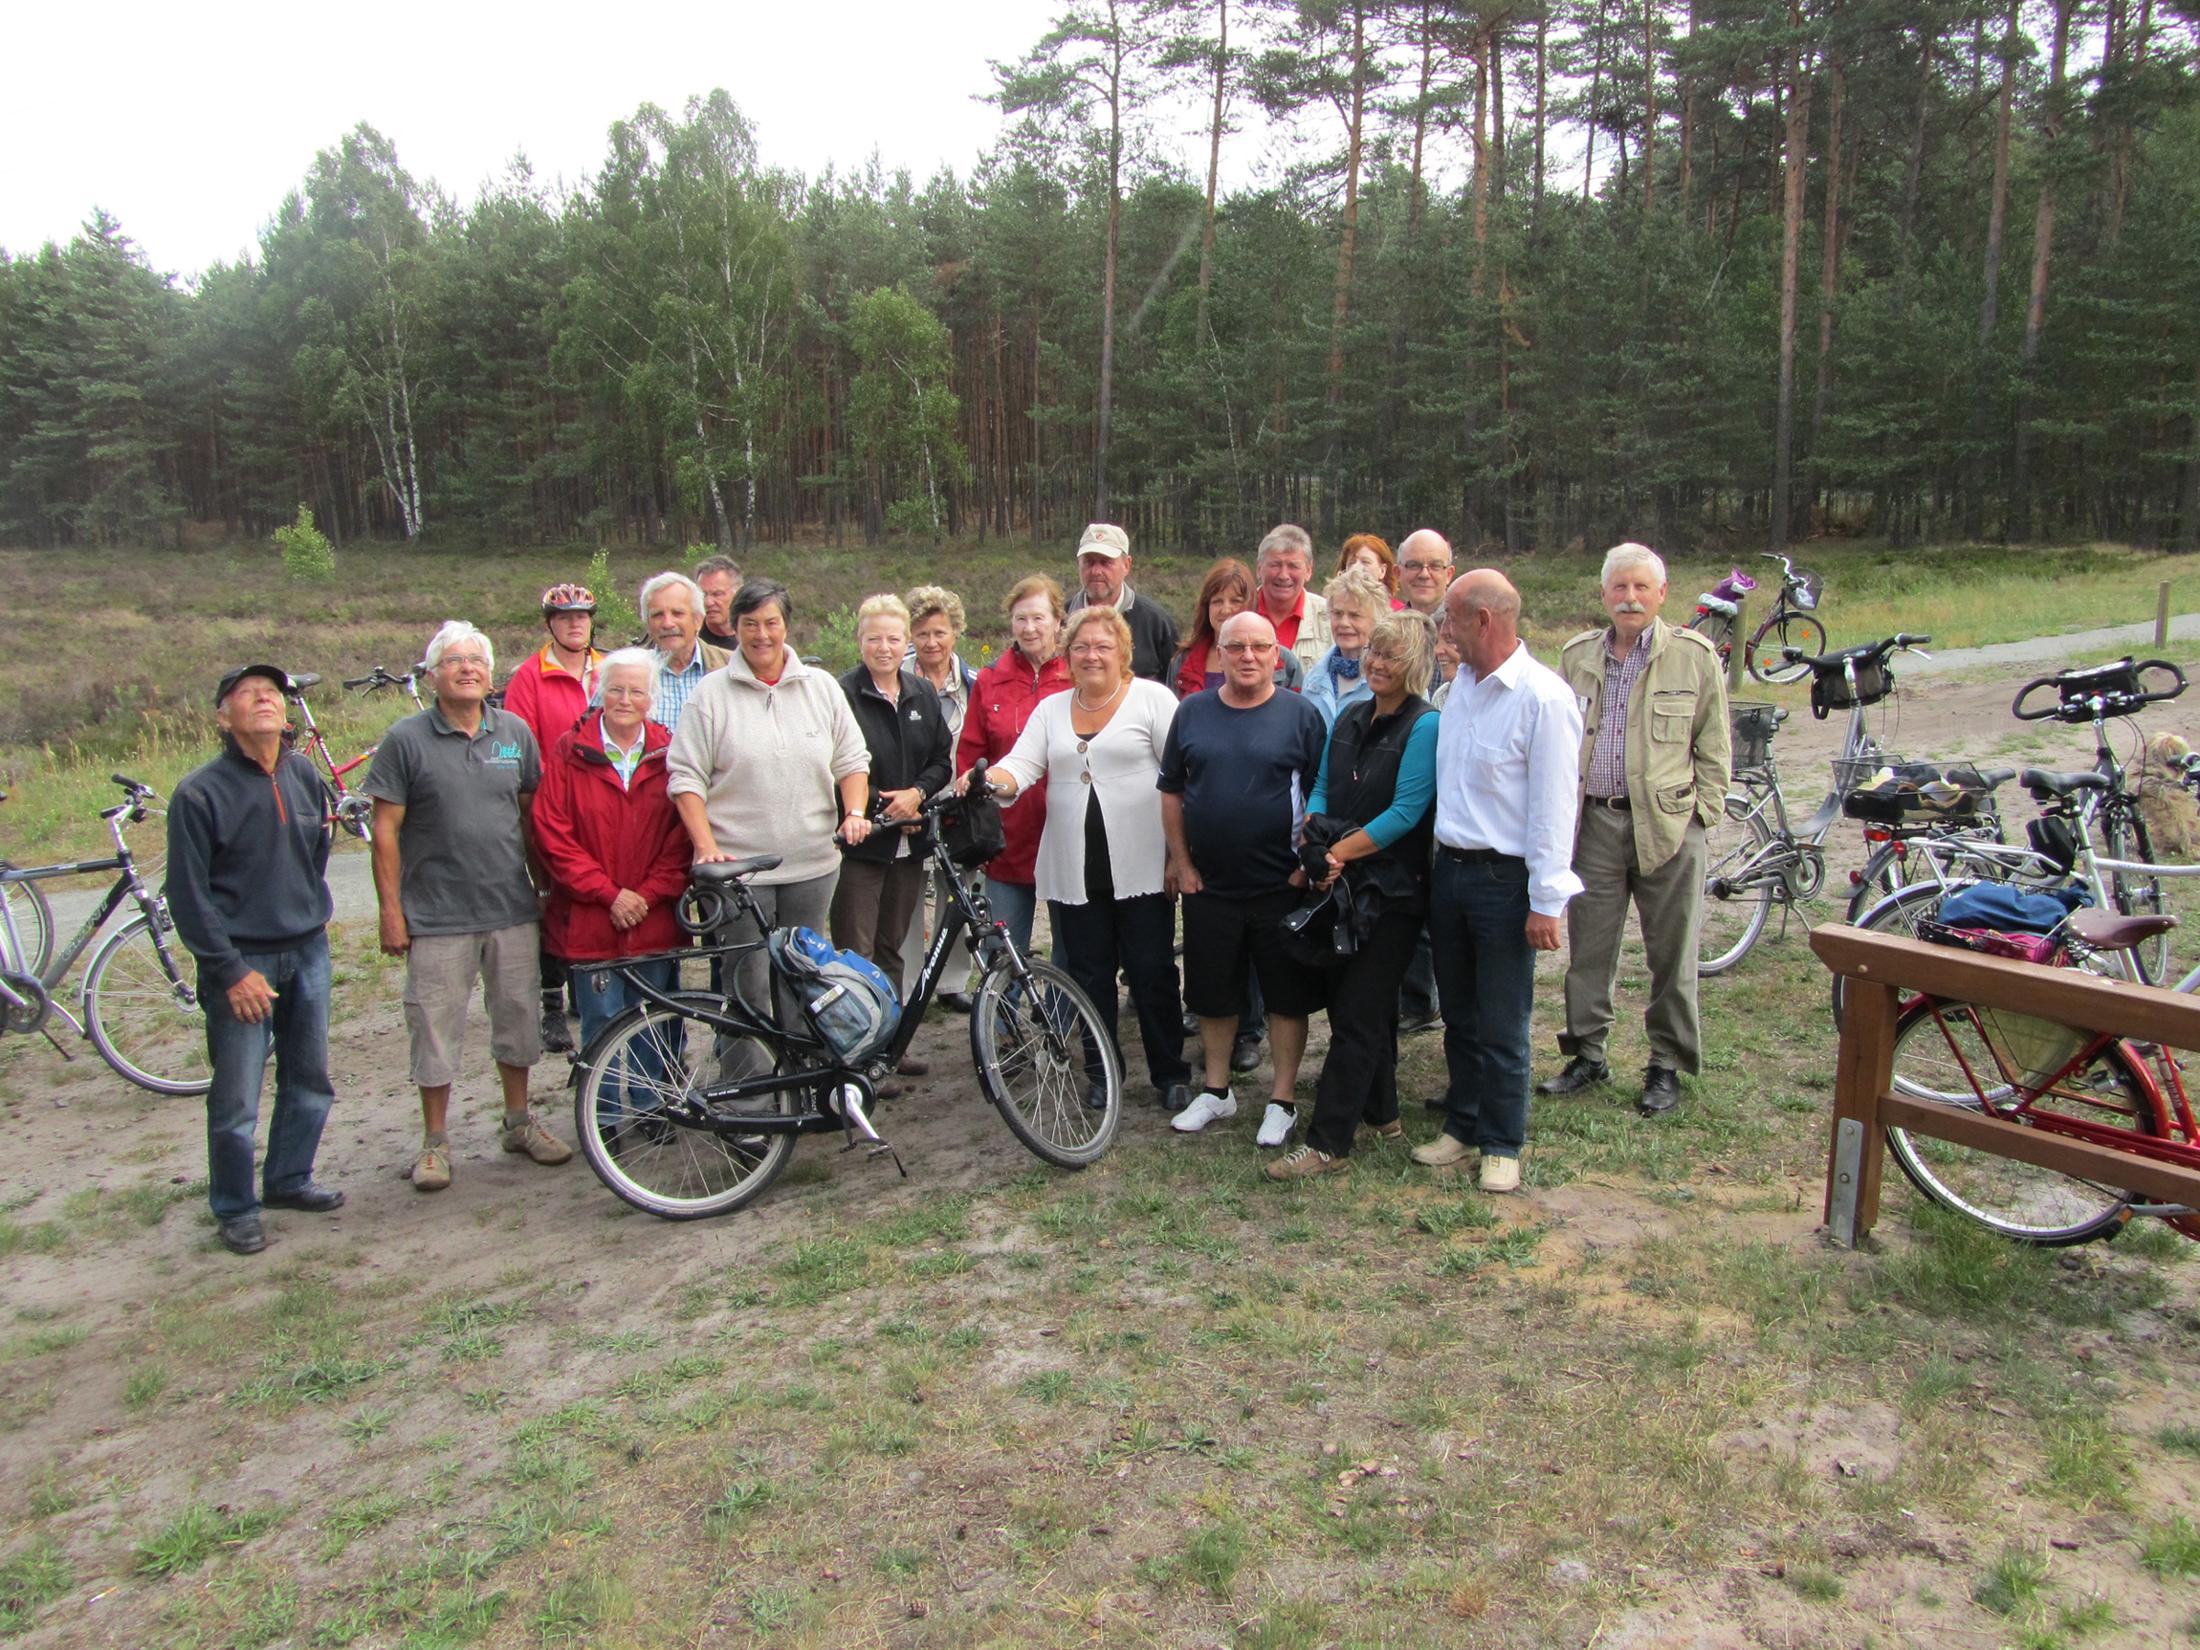 Sagen- und Geschichtslehrpfad - Radgruppe